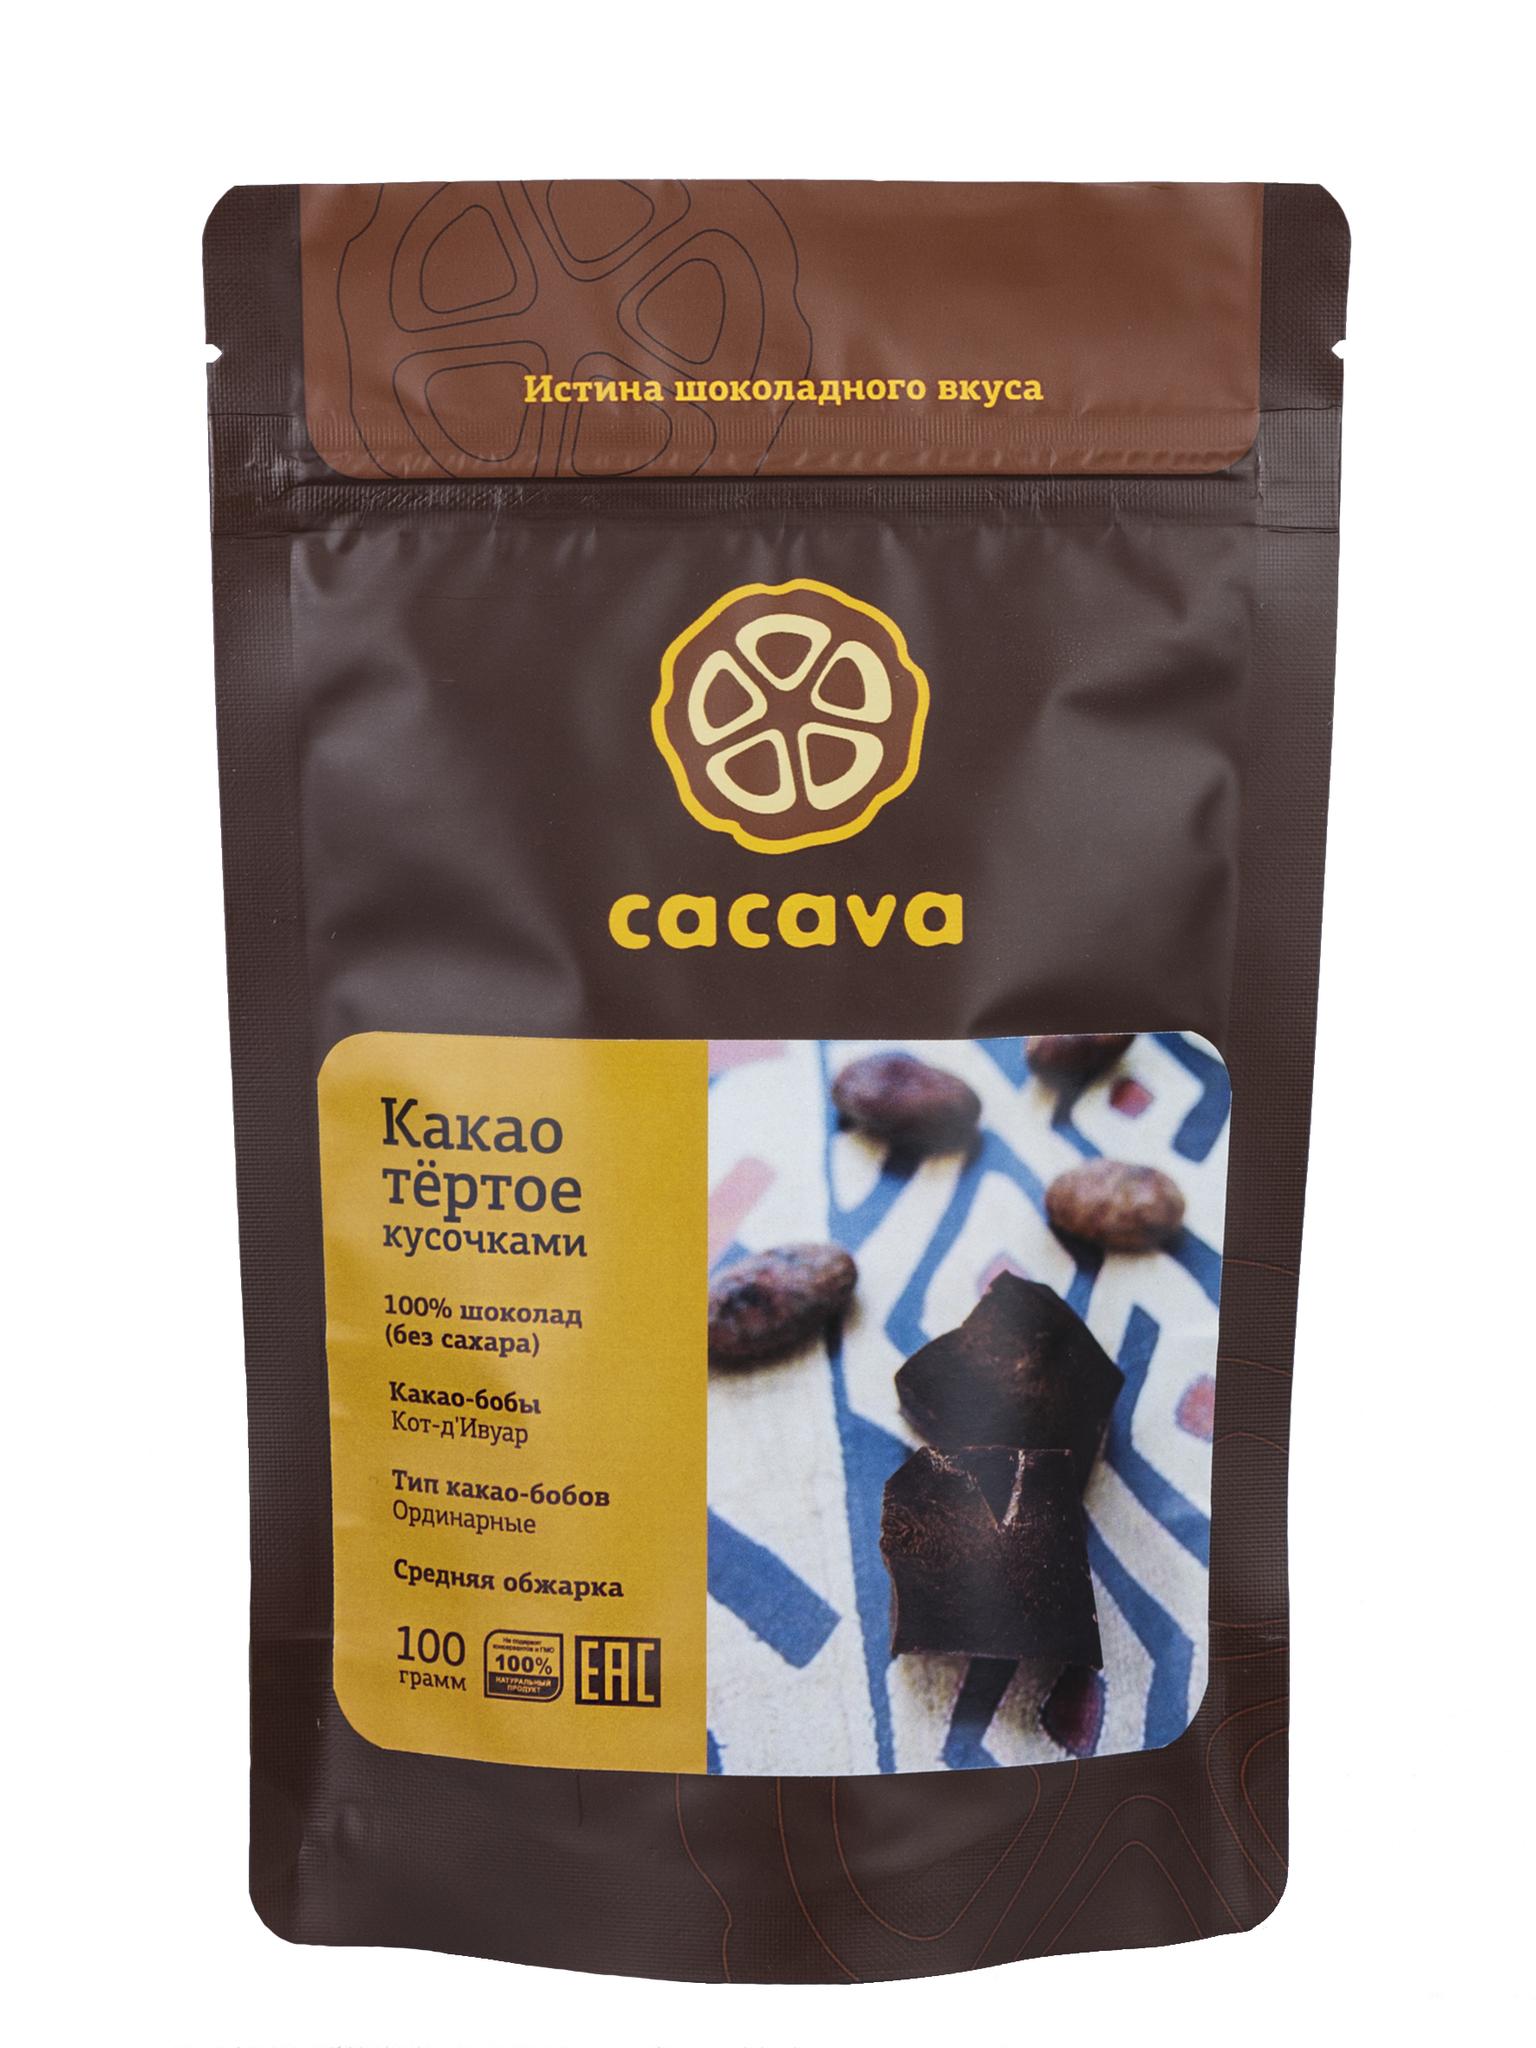 Какао тёртое (Кот-д'Ивуар), упаковка 100 грамм